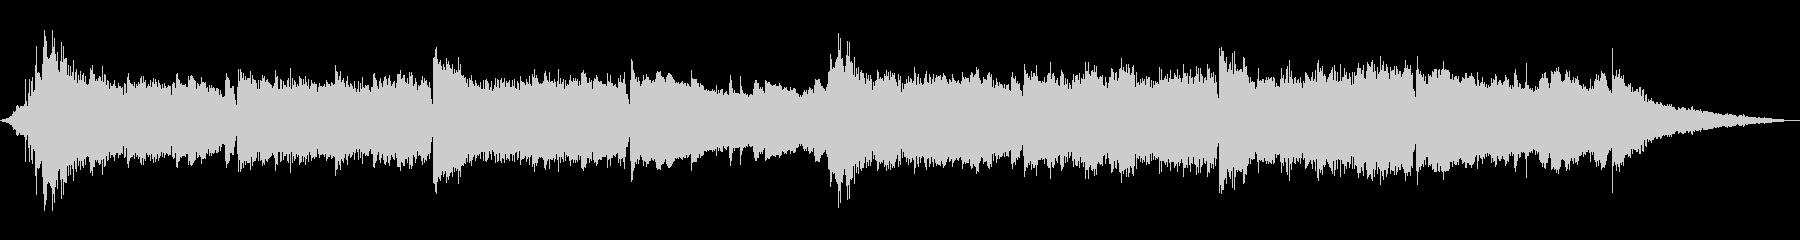 ピアノアルペジオとストリングスCMの未再生の波形